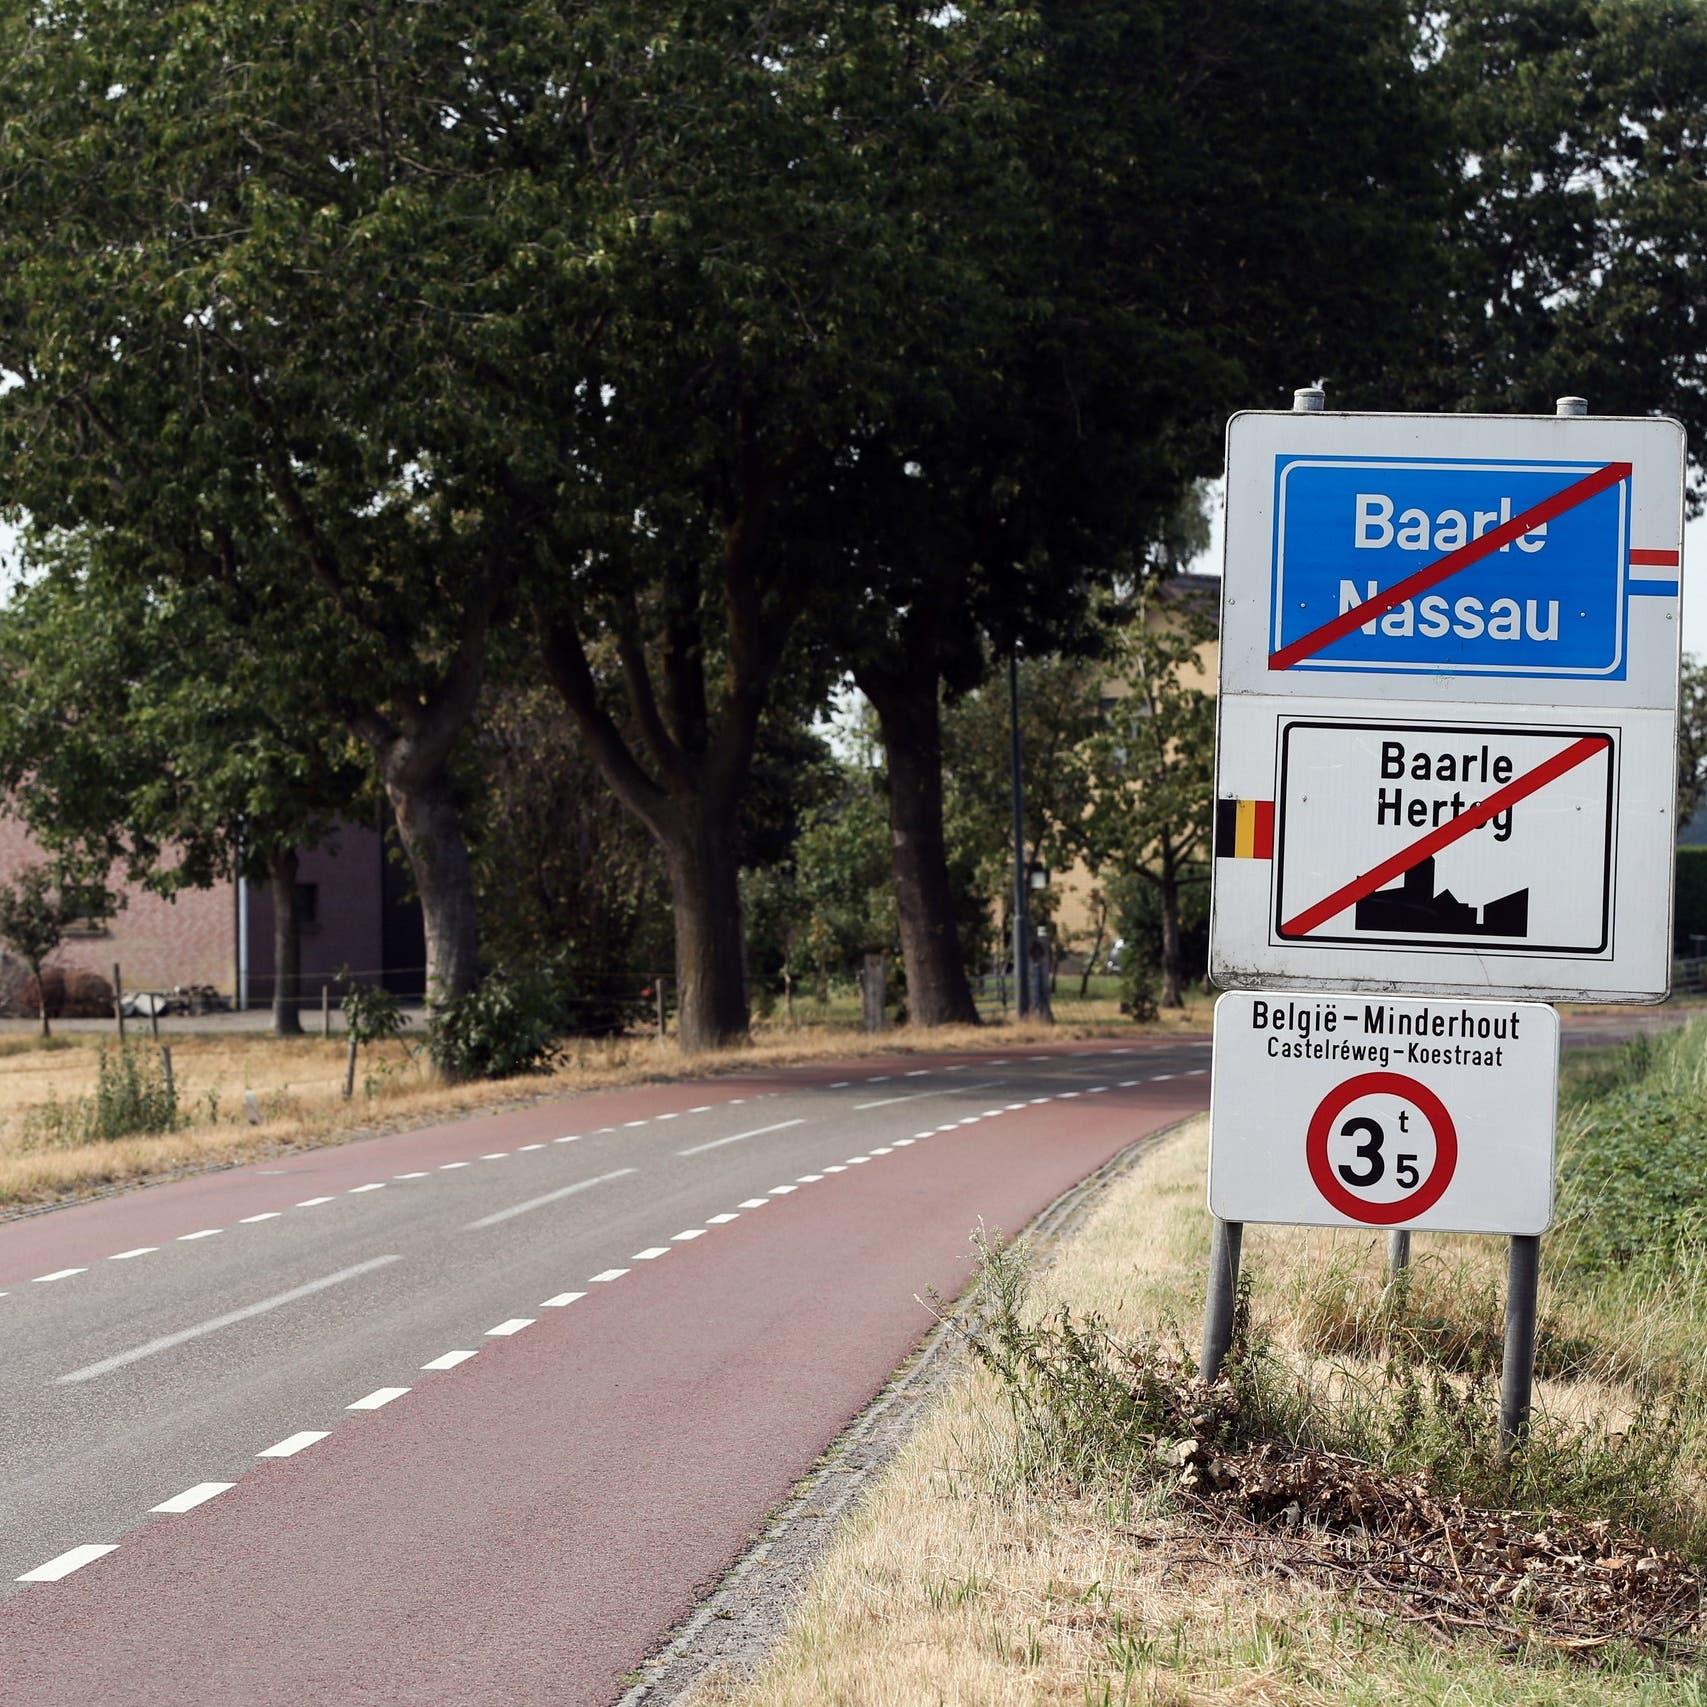 معضلة في بلدتين متداخلتين بين هولندا وبلجيكا بزمن كورونا